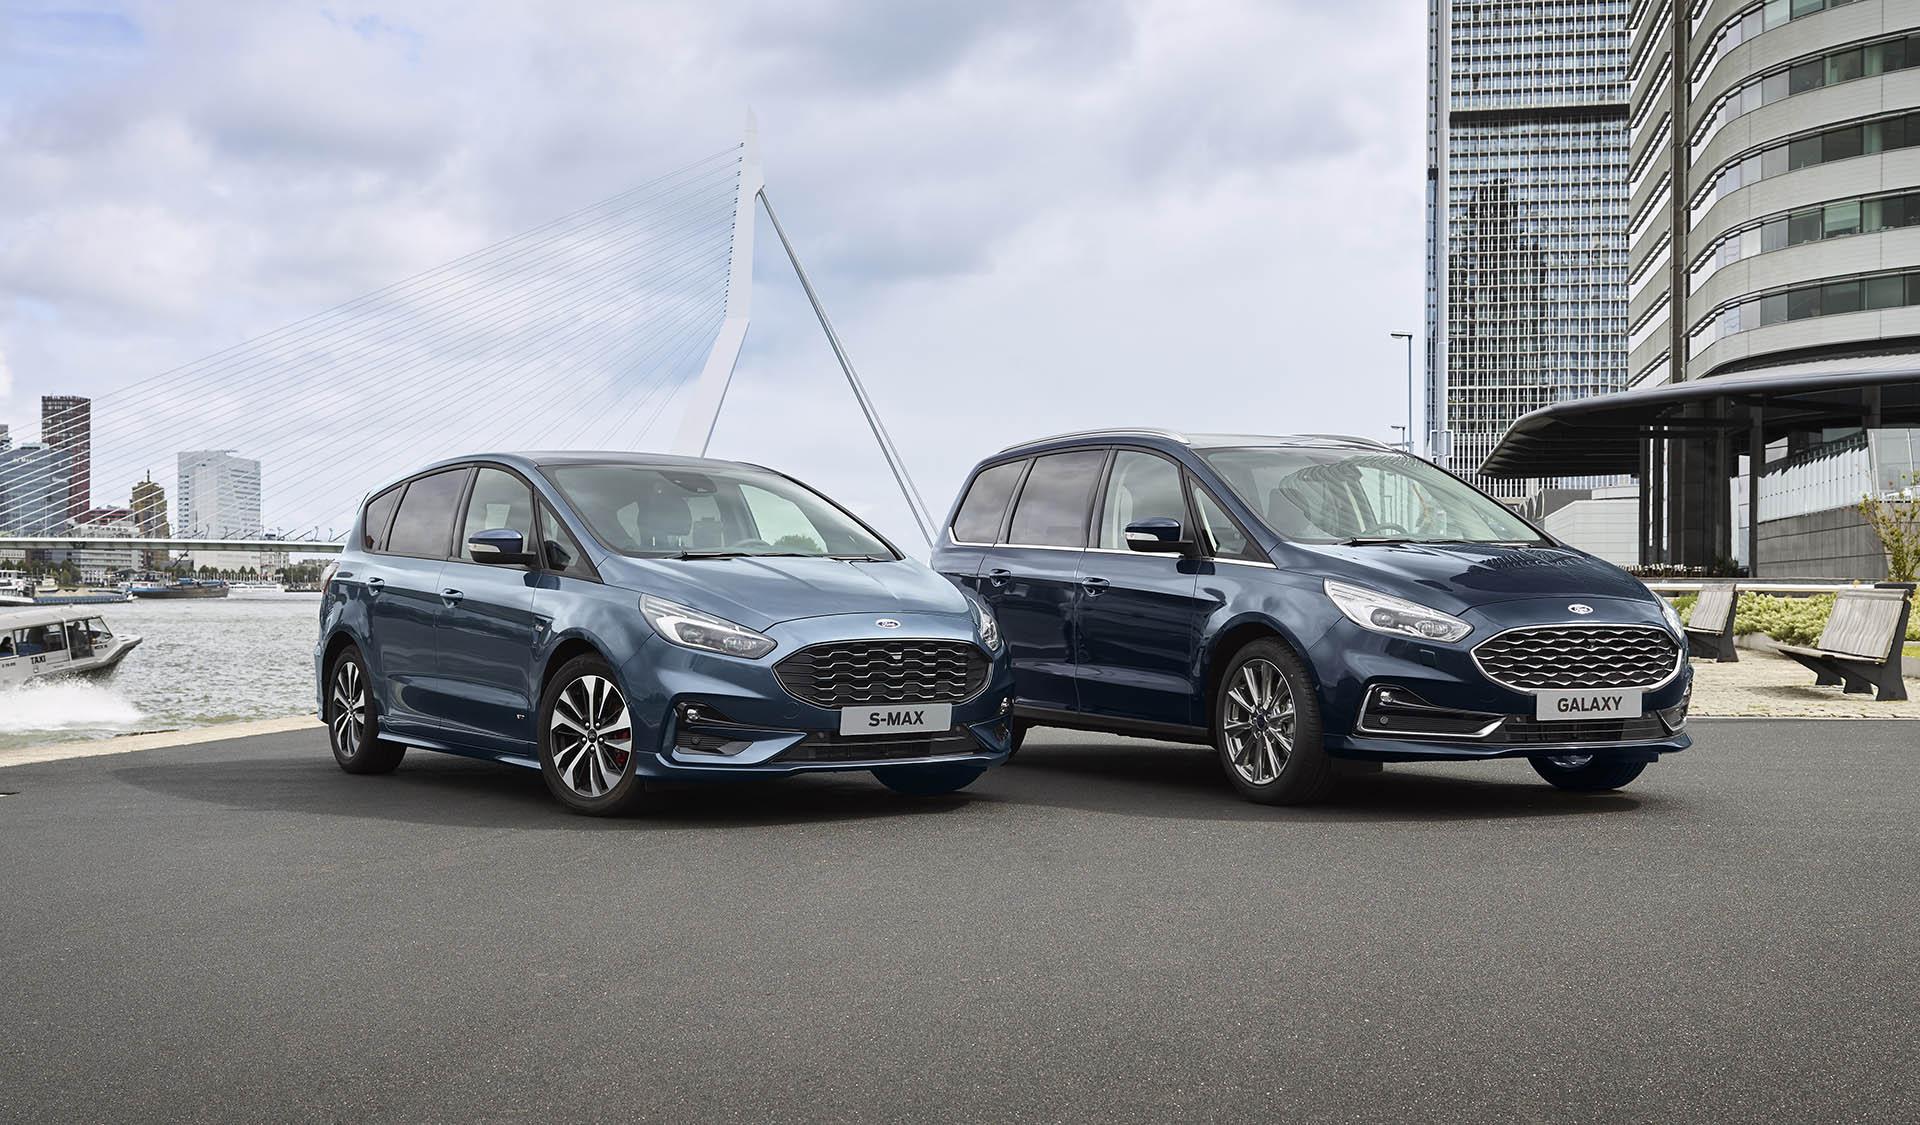 Ford S-MAX, Galaxy Hybrid 2021